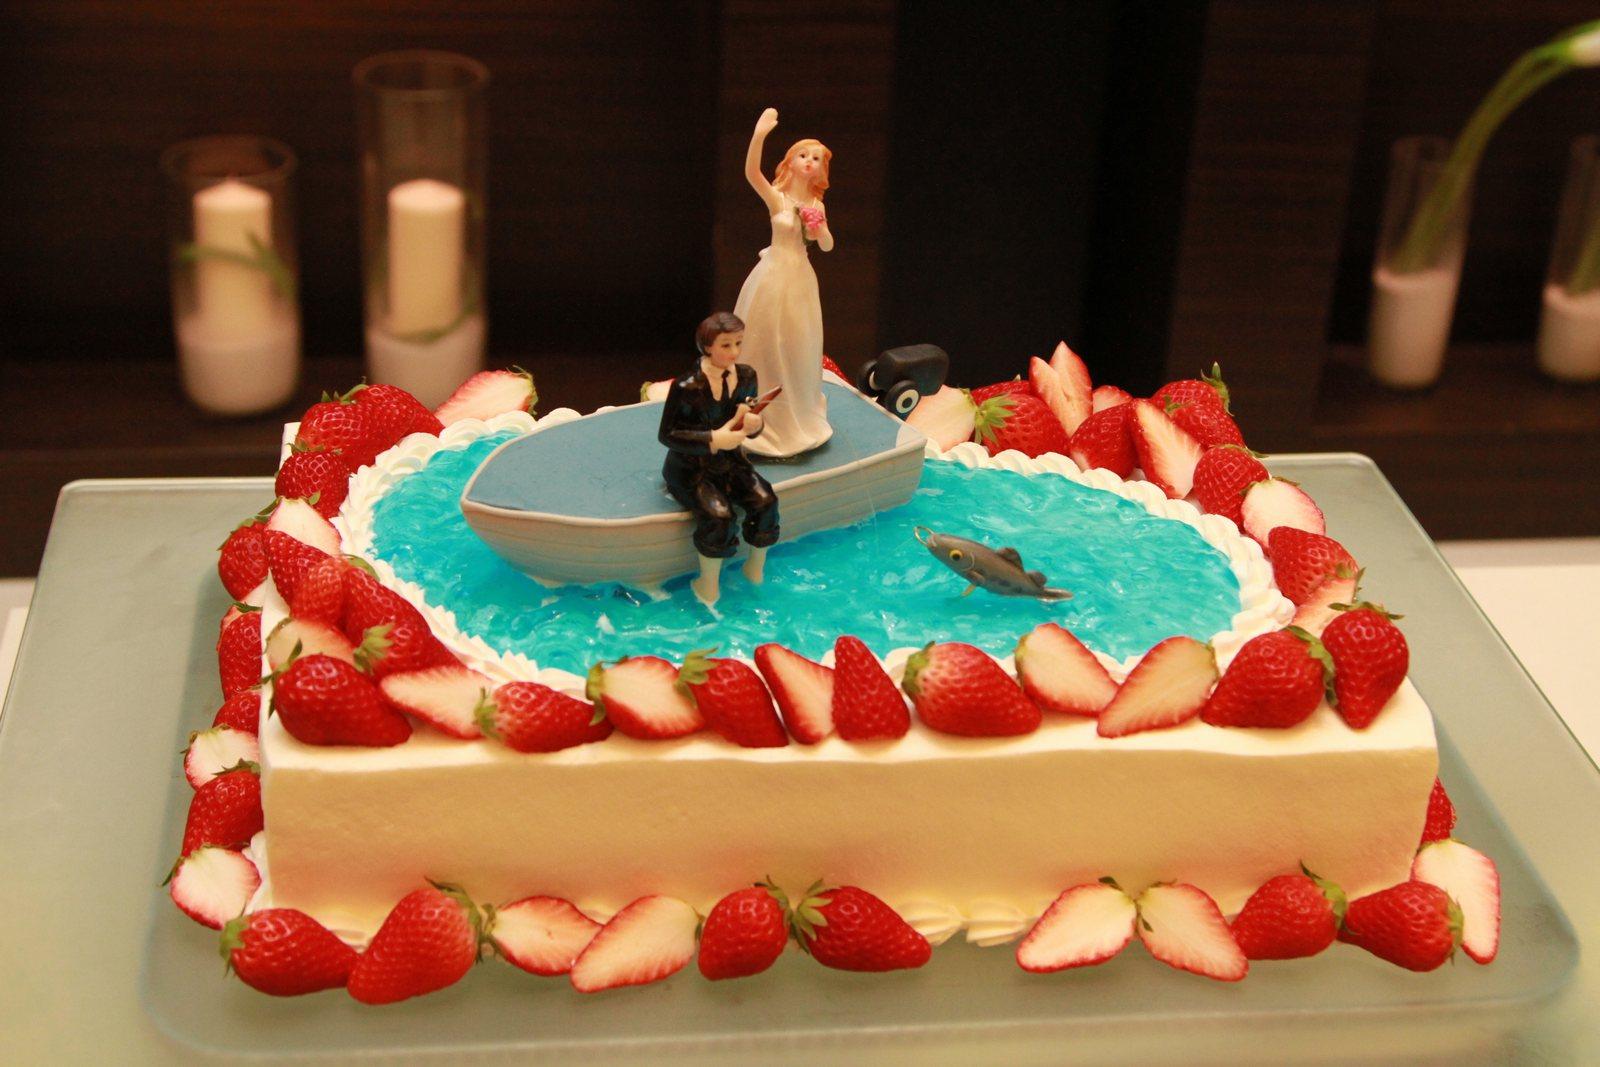 徳島市の結婚式場ブランアンジュのウェディングケーキは釣り船と新郎新婦のデザイン